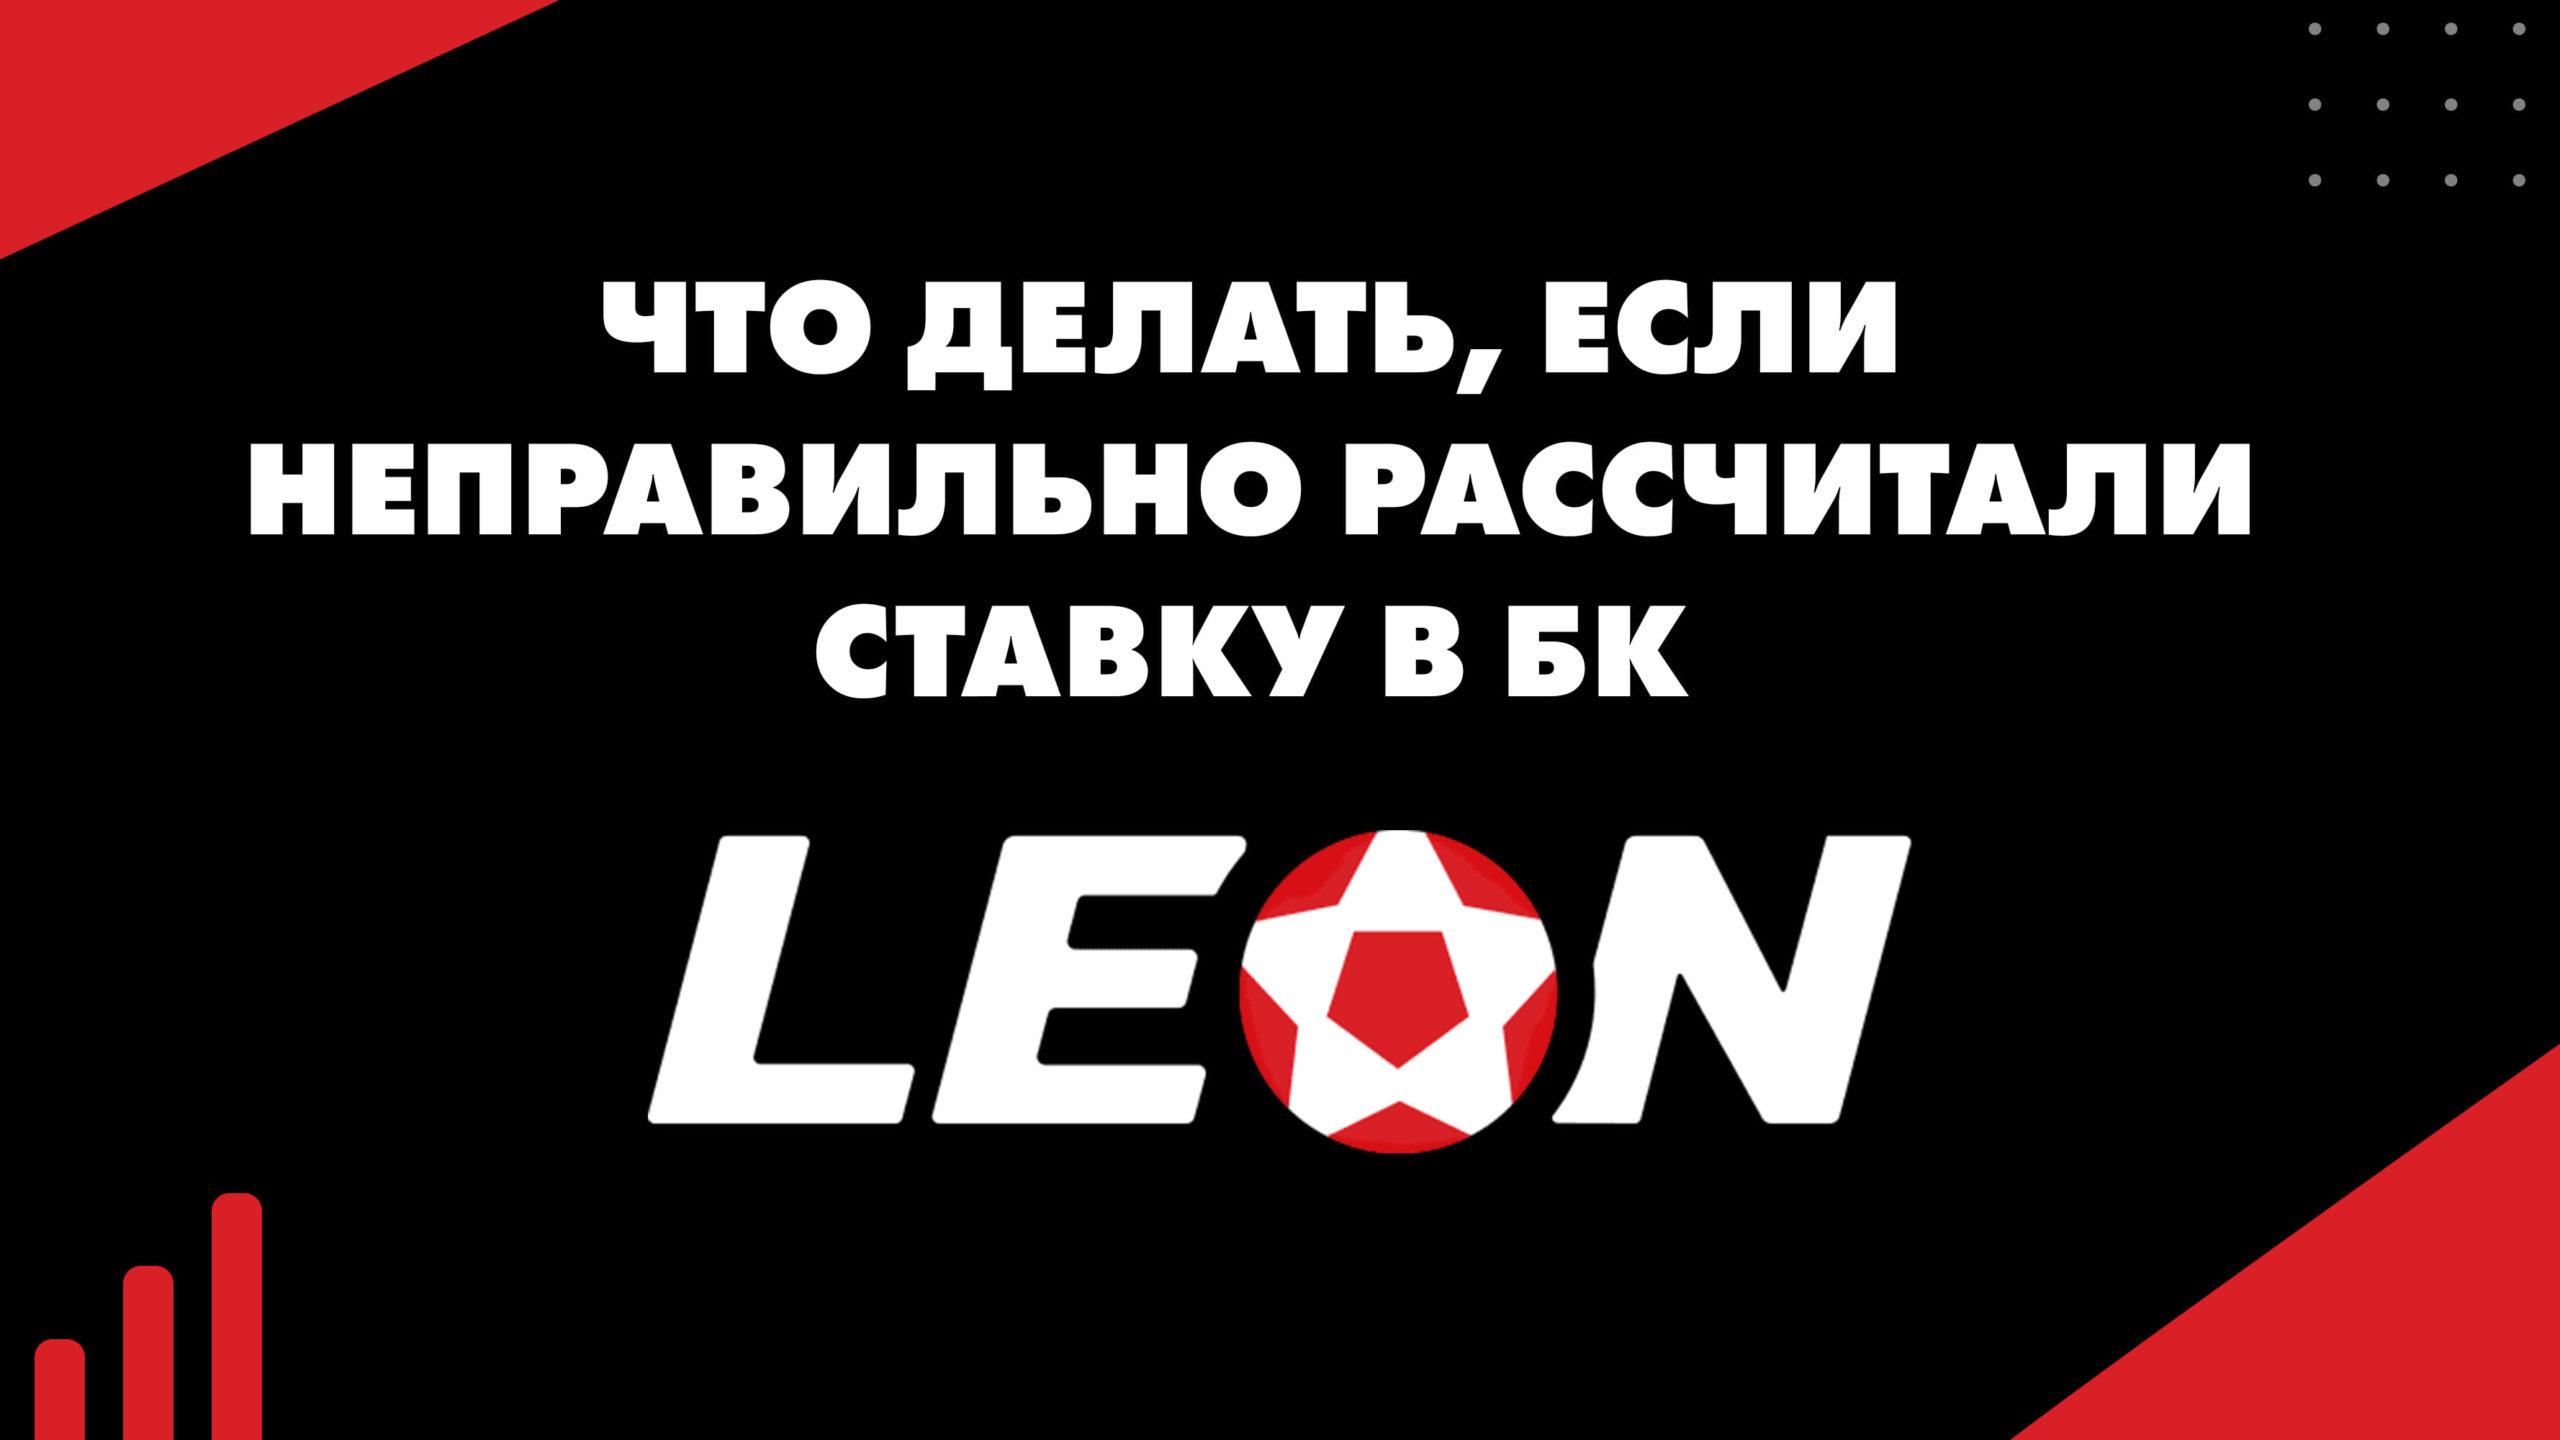 Что делать, если неправильно рассчитали ставку в БК Леон?